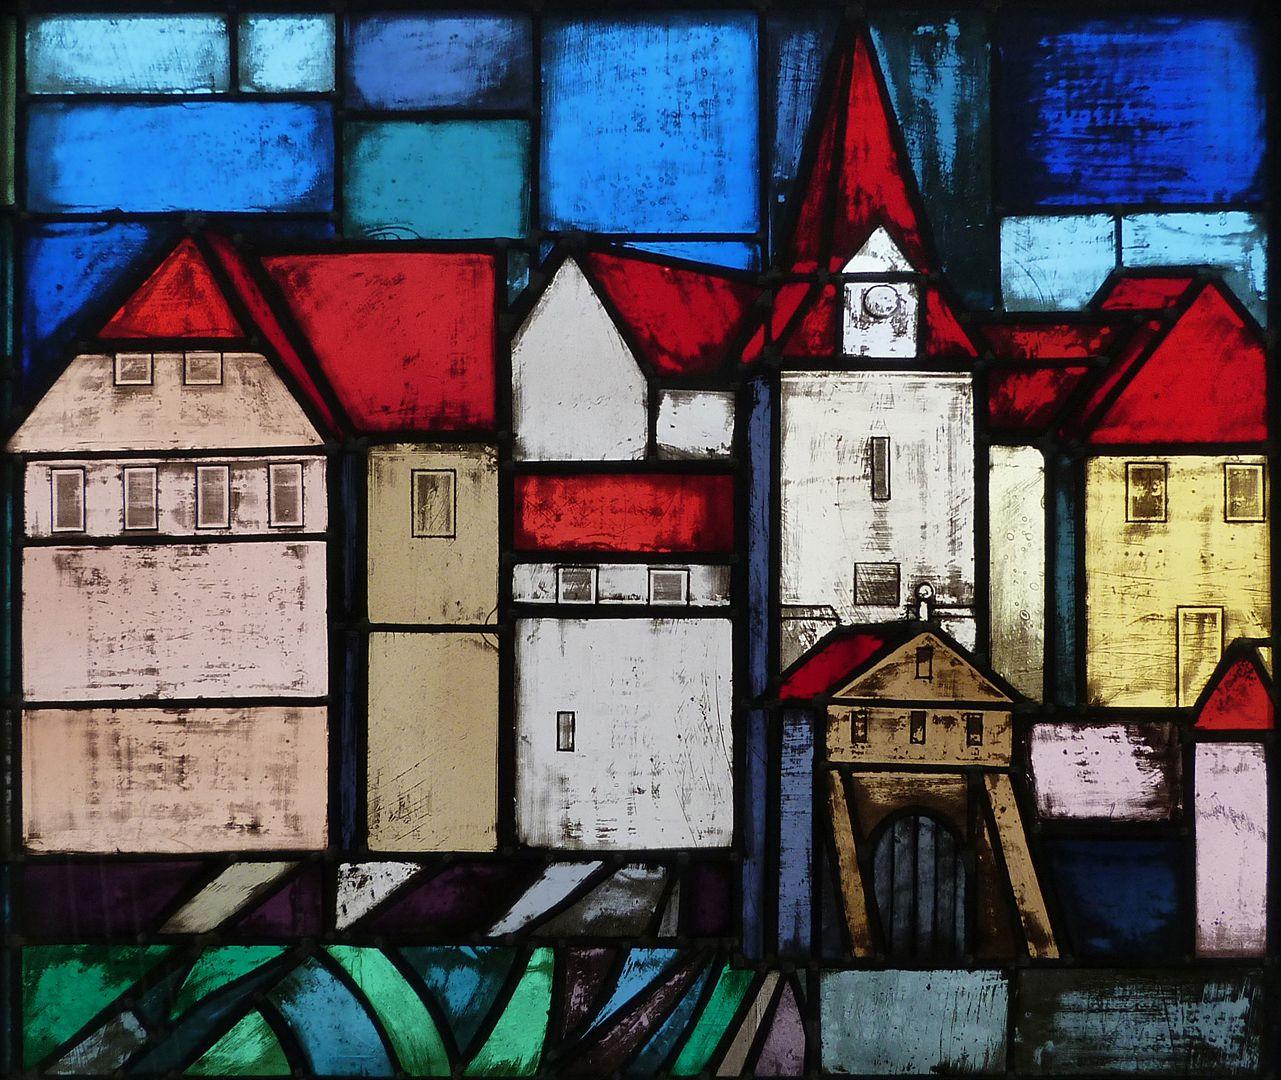 Glasfenster zur Stadtgeschichte Treppenaufgang zum ersten Stock, Wenzelschloß